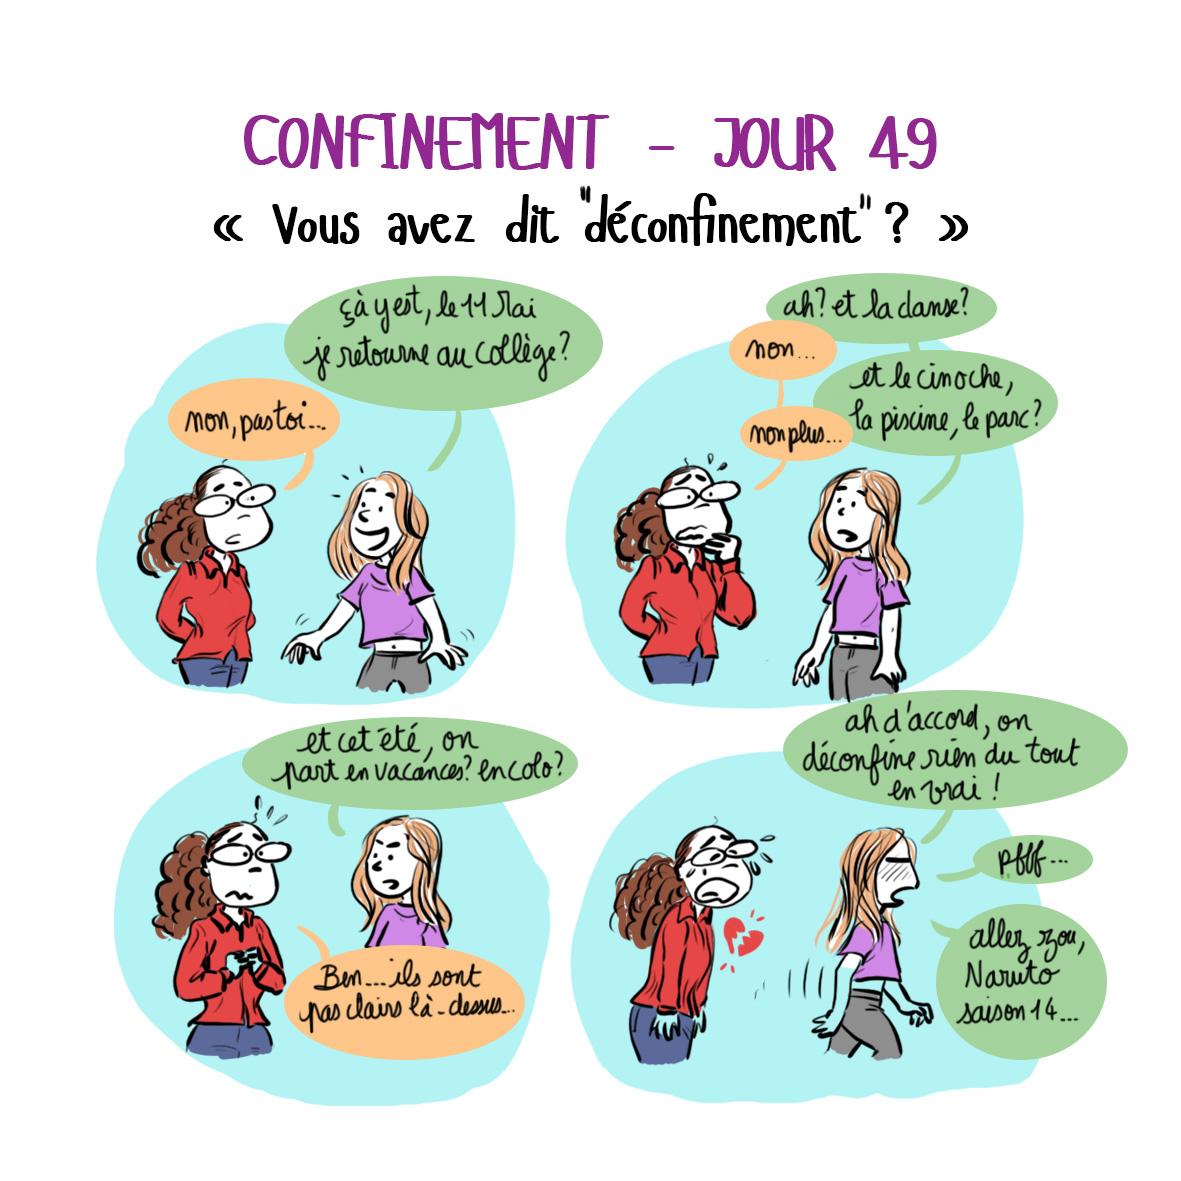 Journal de confinement - Jour 49